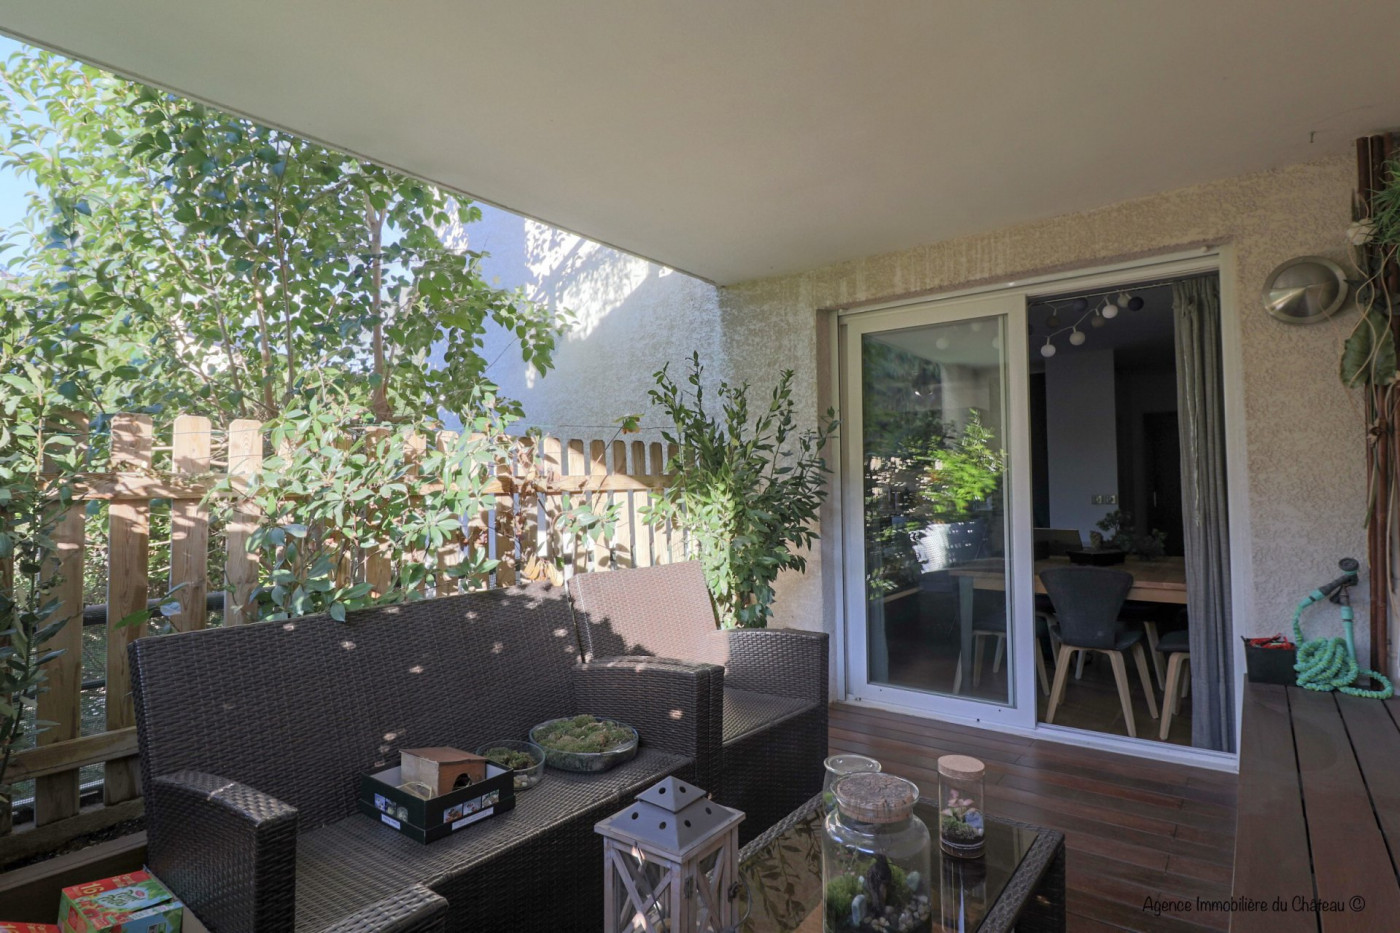 A vendre  Marseille 8ème | Réf 130308 - Agence immobilière du château